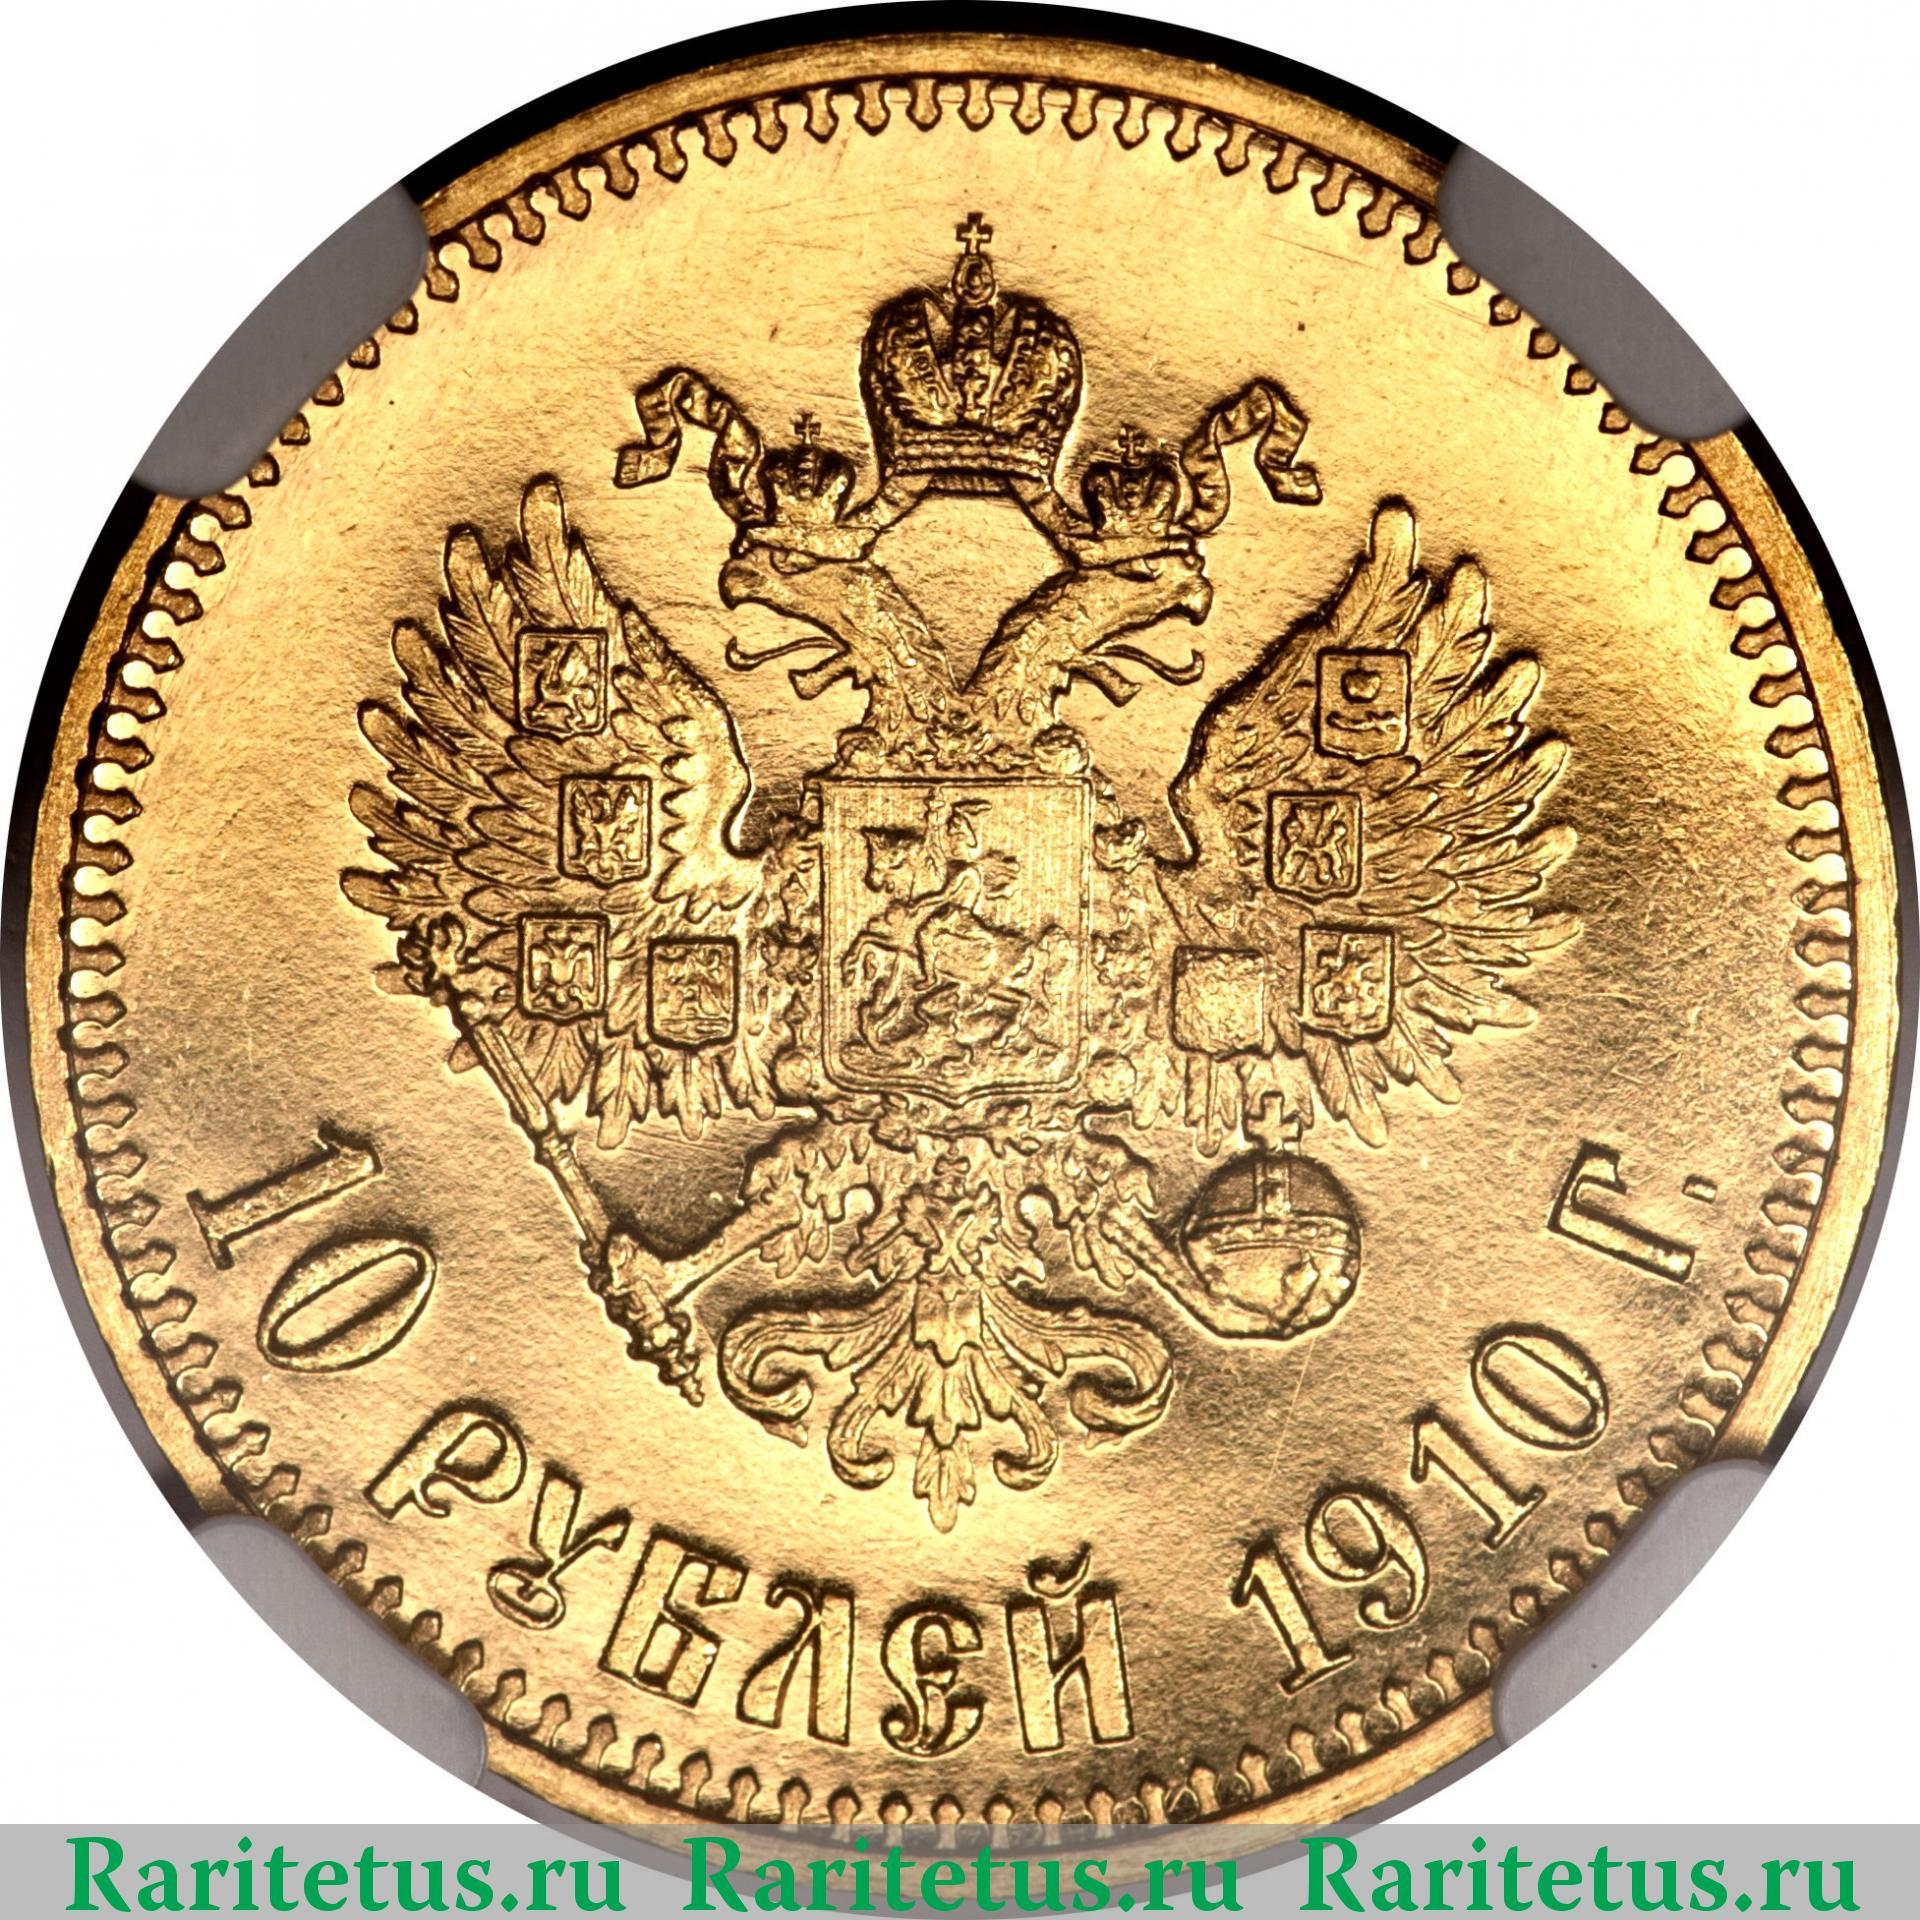 Купить царскую золотую монету 10 рублей приднестровье 100 рублей 2005 стрелец